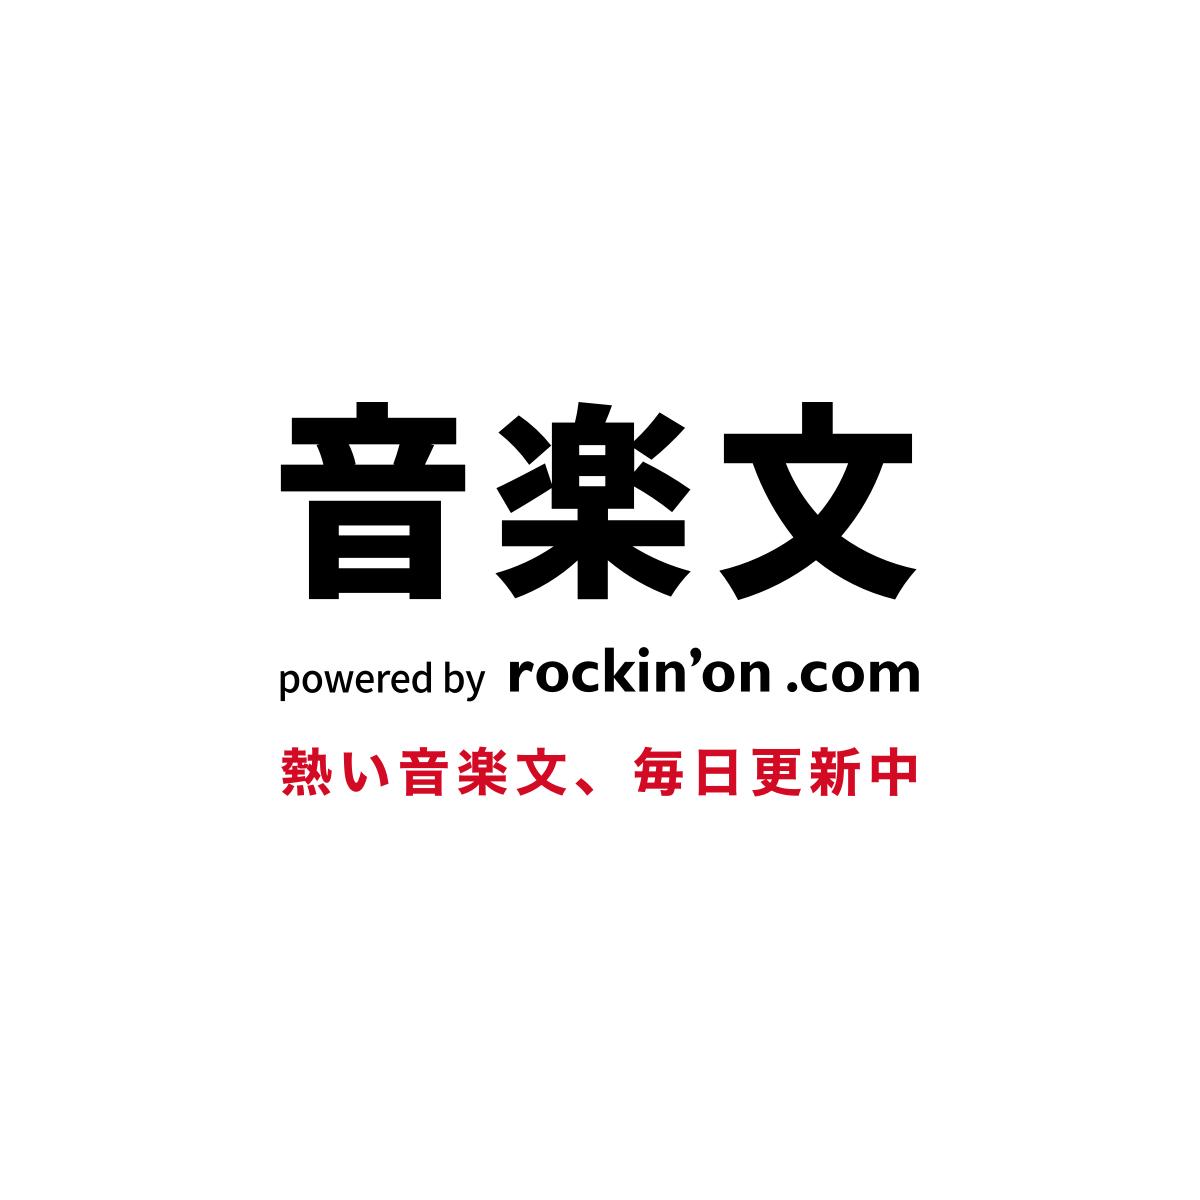 病気をきっかけに広がり繋がった音楽と親子 – 私達親子にとって星野源とContinuesの意味するものとは (有愛) – 2018年5月・月間賞最優秀賞 | 音楽文 powered by rockinon.com